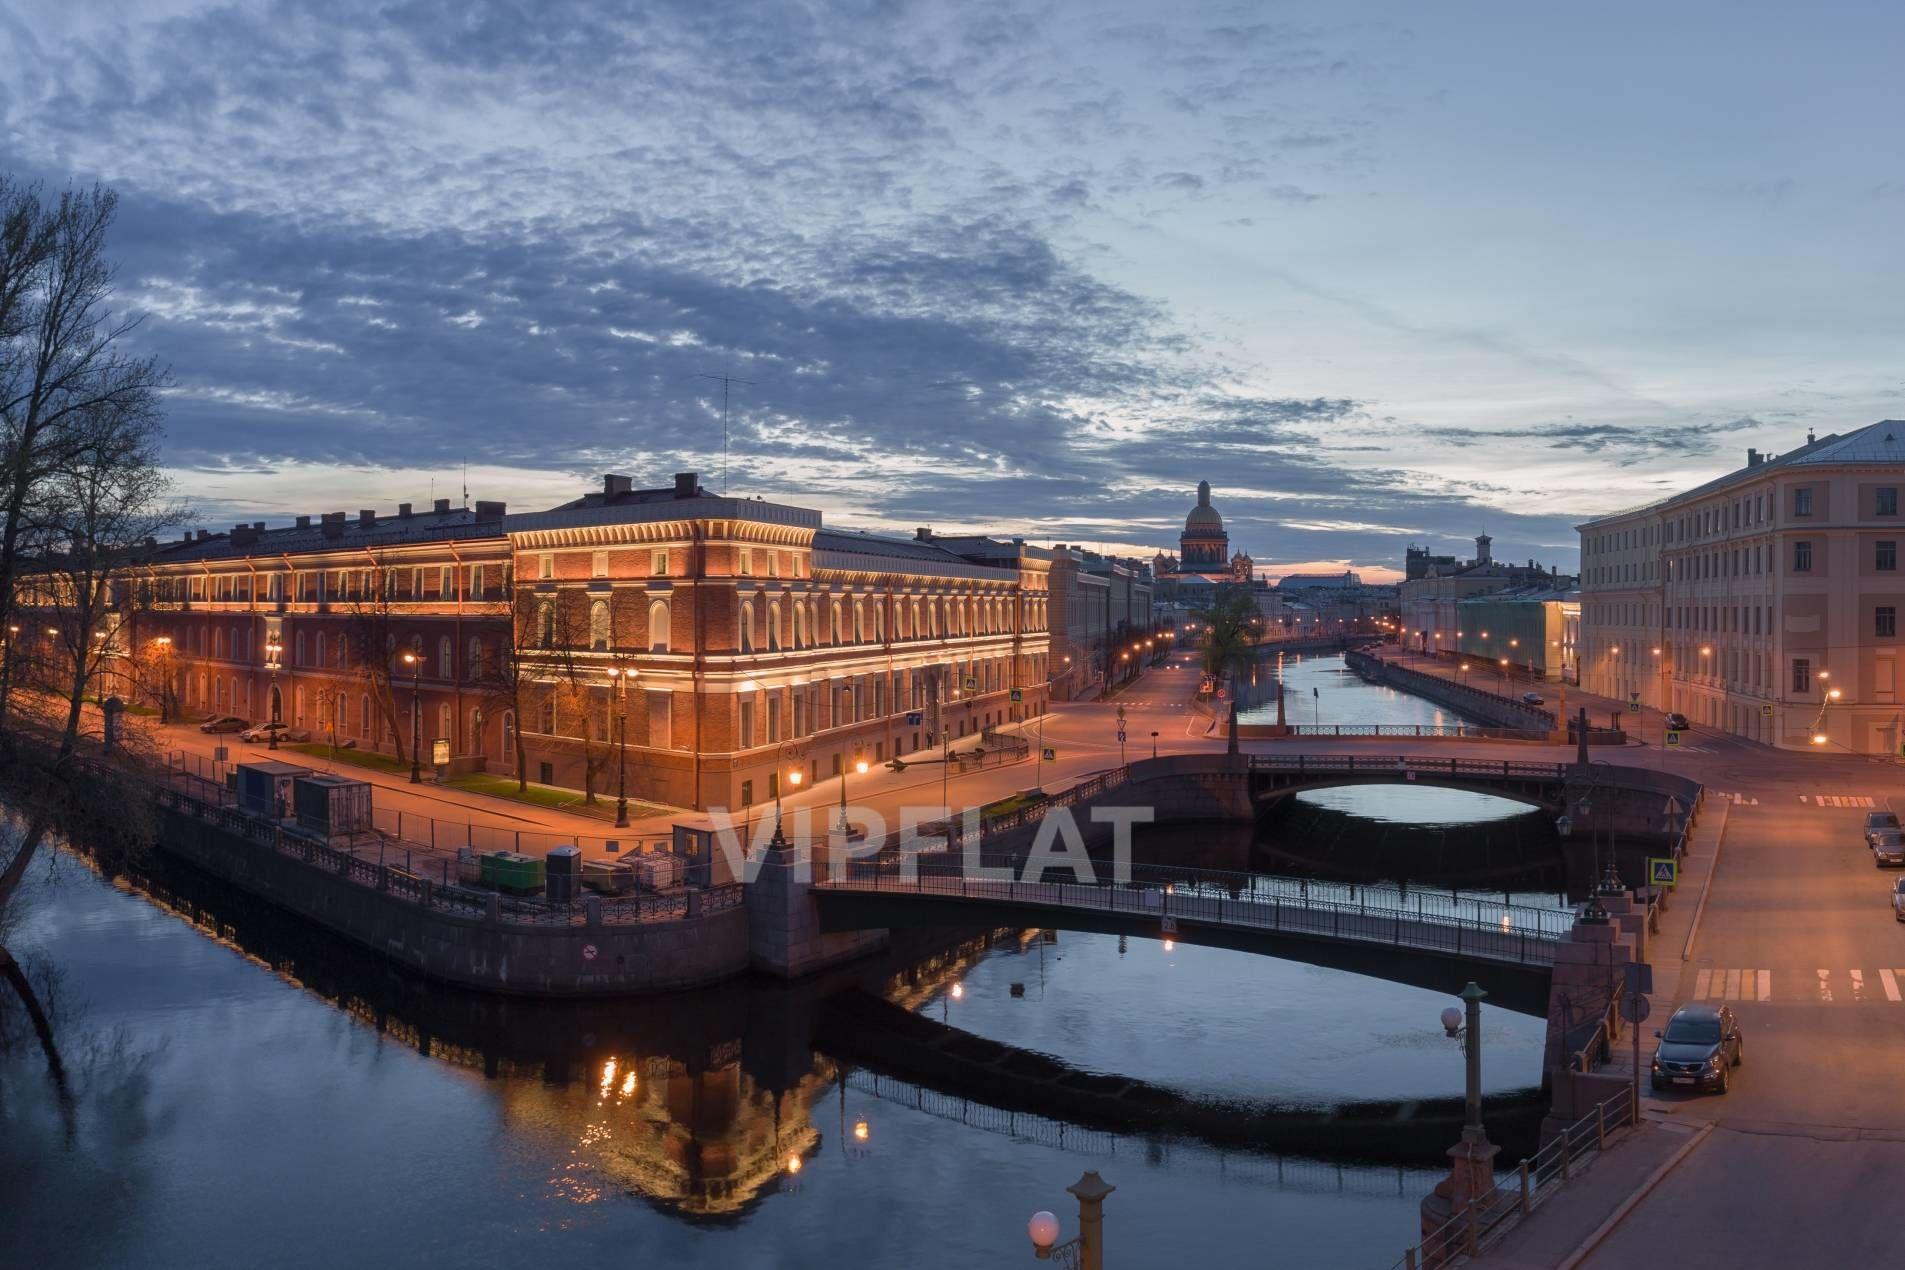 Продажа элитных квартир Санкт-Петербурга. «Art View House» Мойки реки наб., 102  Панорамный вид на весь город